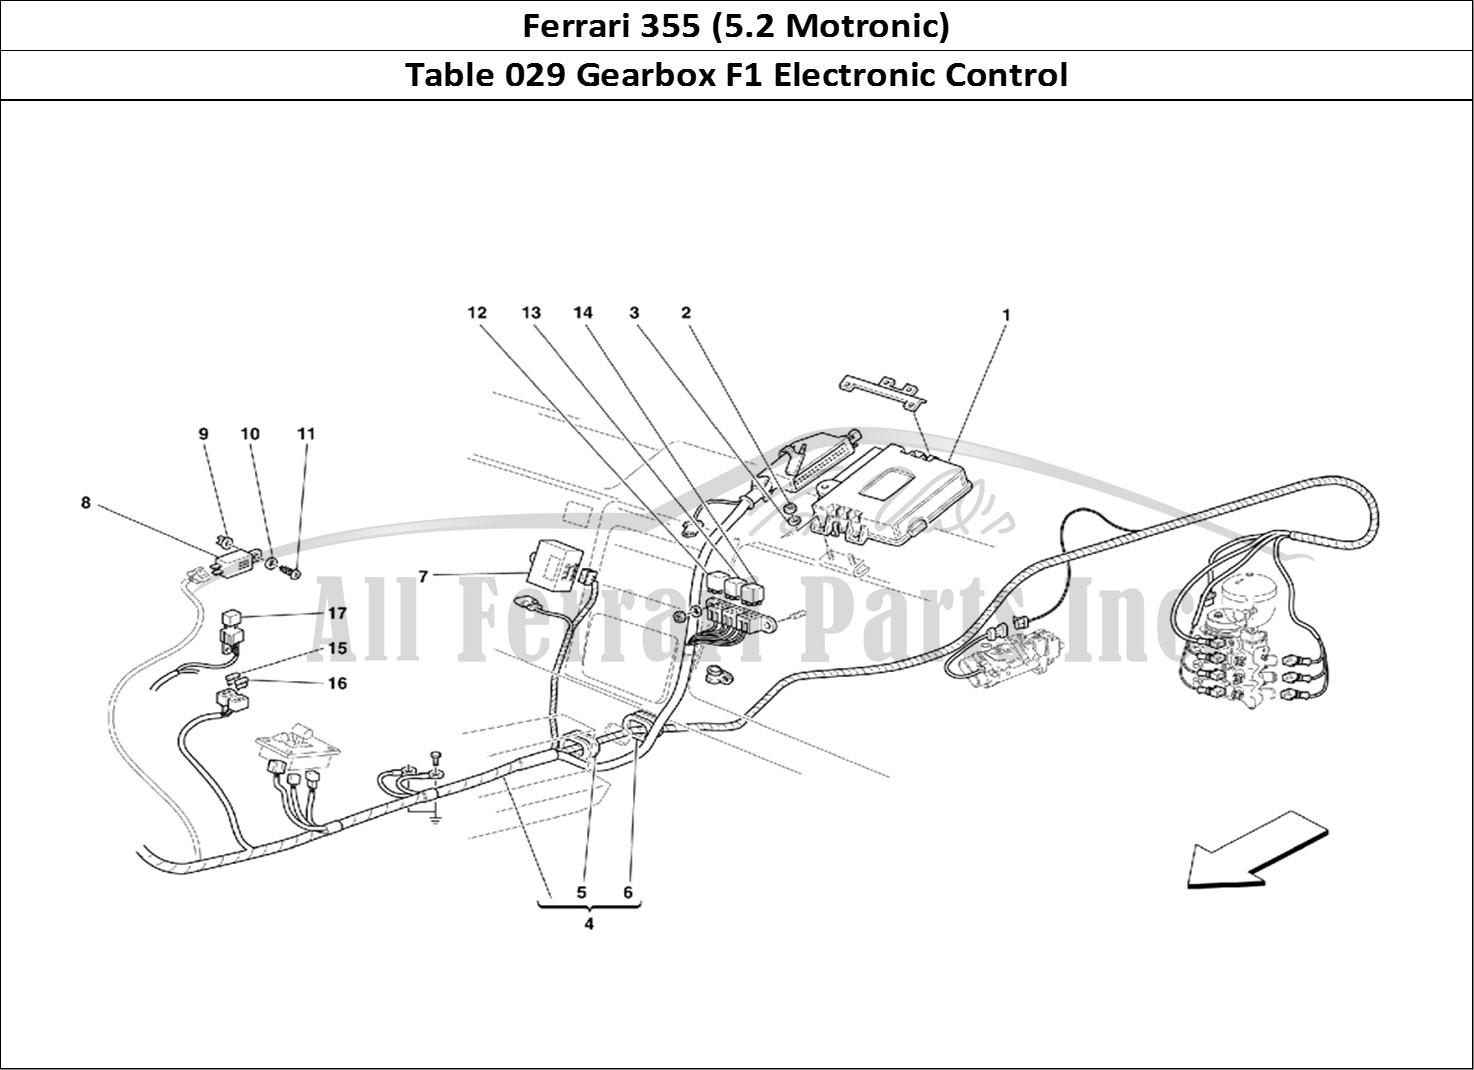 Buy original Ferrari 355 (5.2 Motronic) 029 Gearbox F1